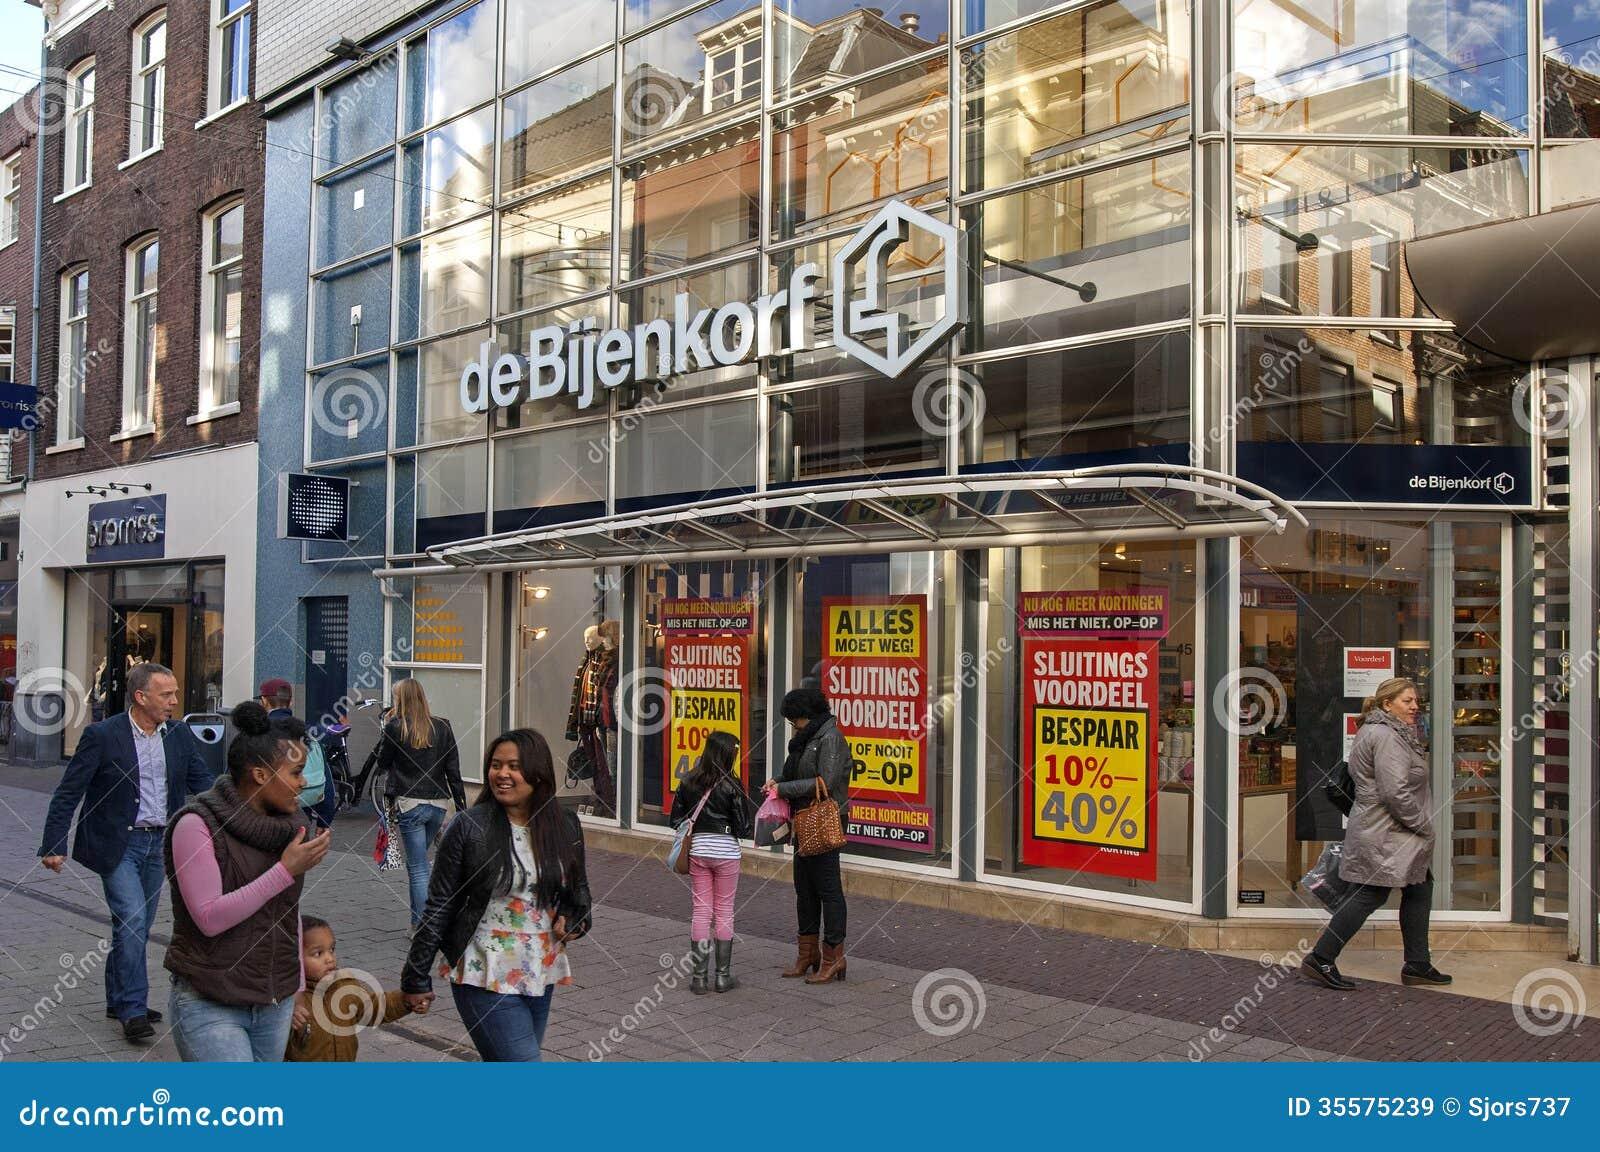 Shopping Street In The City Center Of Arnhem, Netherlands